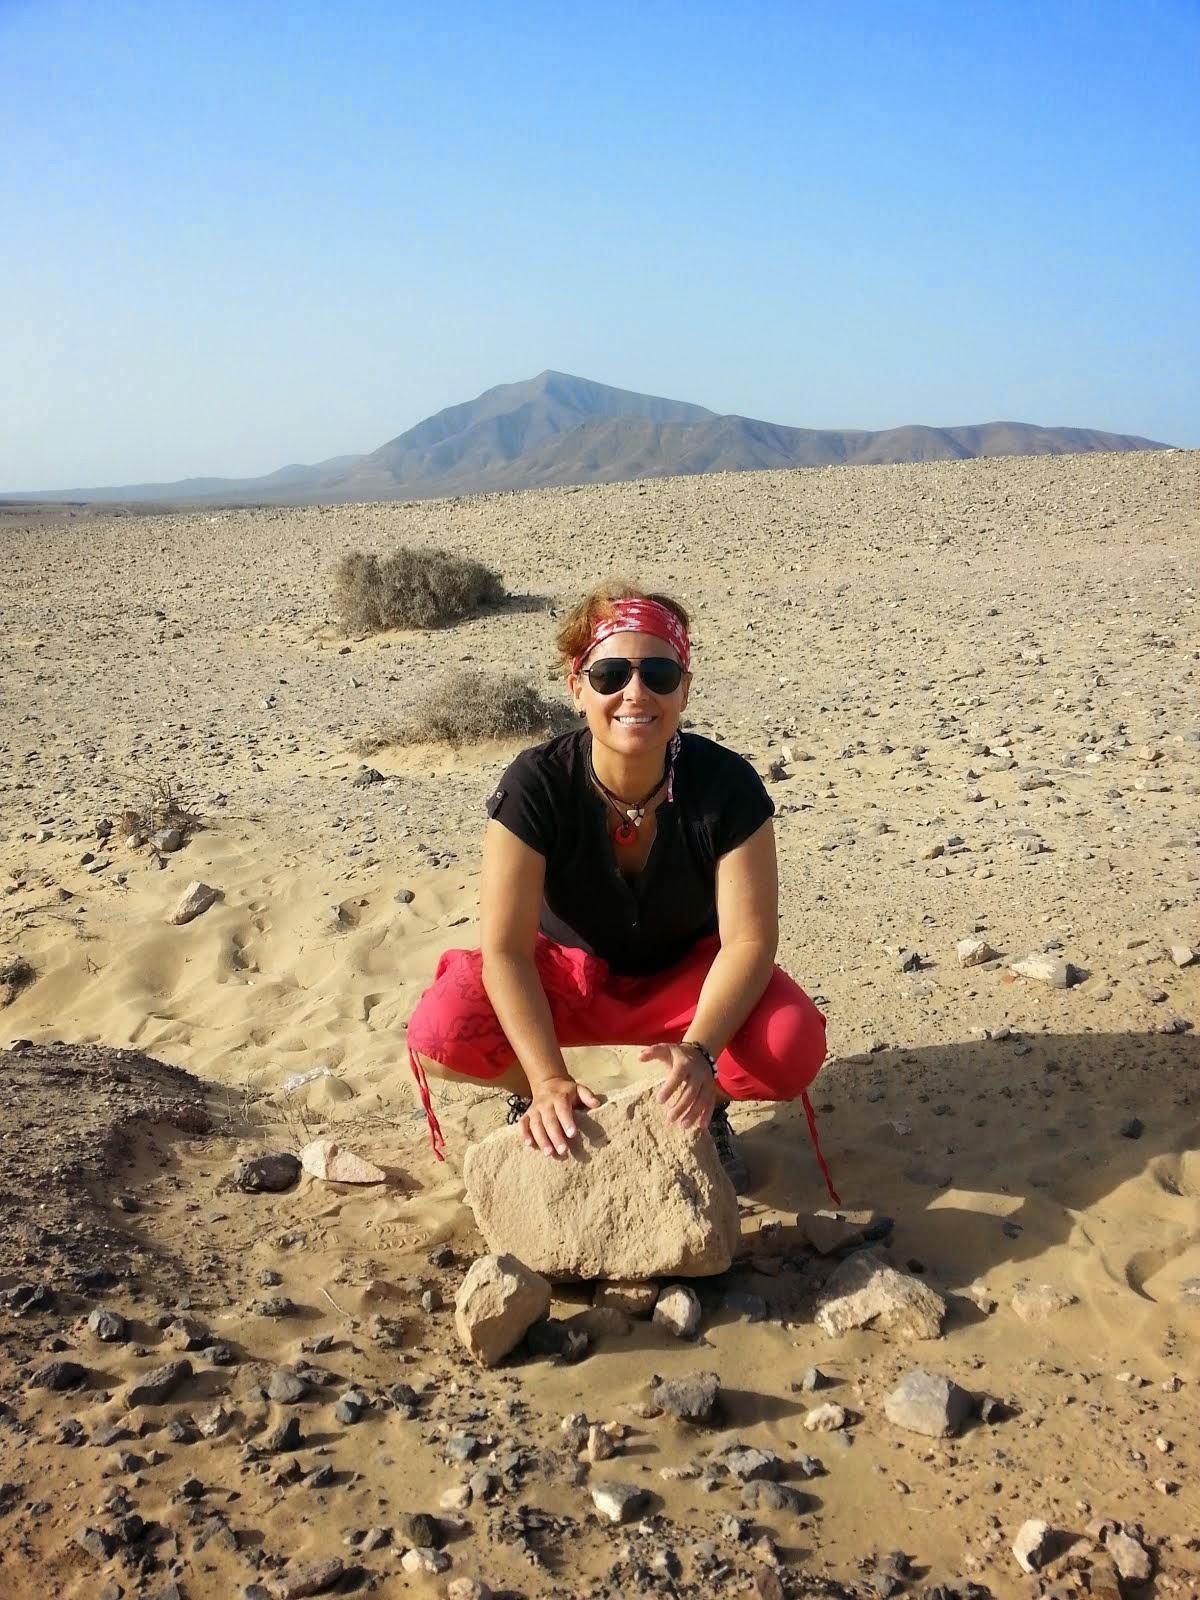 El Silencio  del Desierto es una gran ocasión para escuchar las Respuestas que hay en tu interior